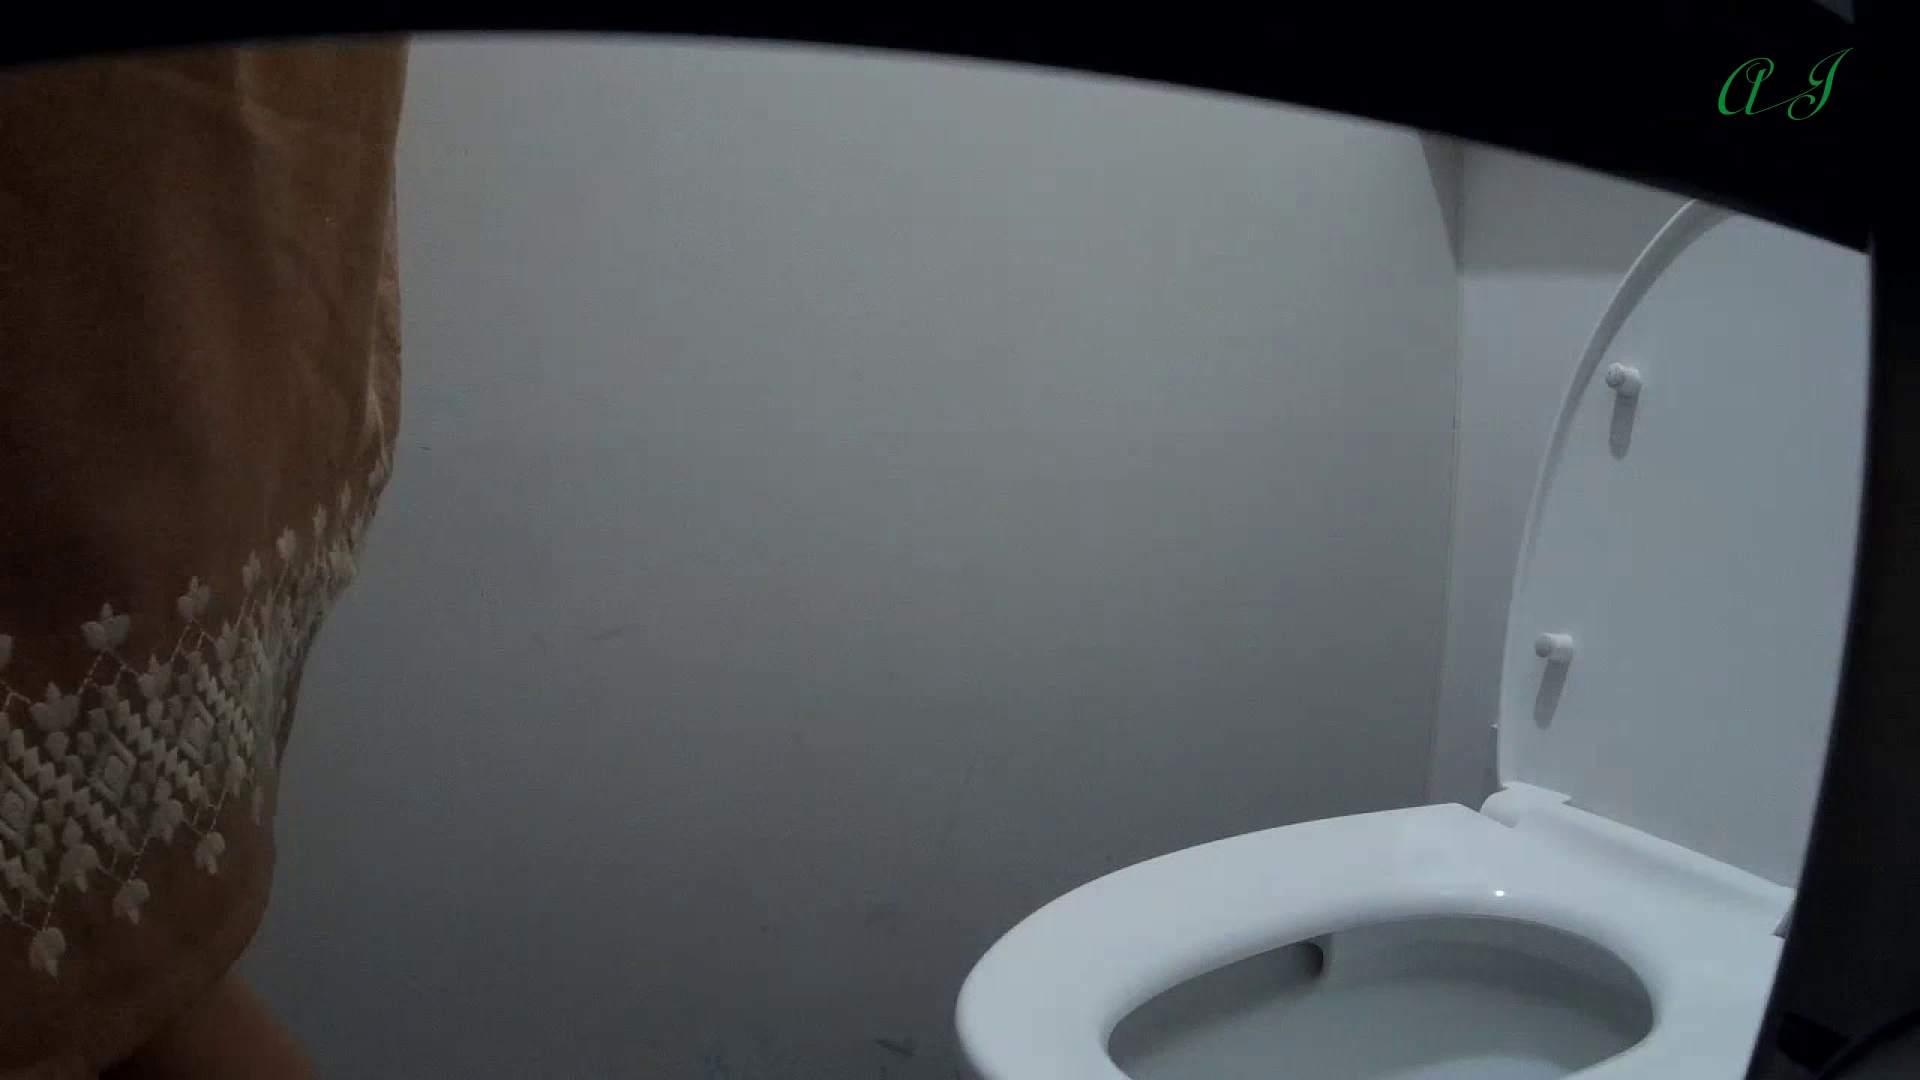 ▲2017_29位▲ 【35位 2016】有名大学女性洗面所 vol.63 OL | 洗面所着替え  85連発 63